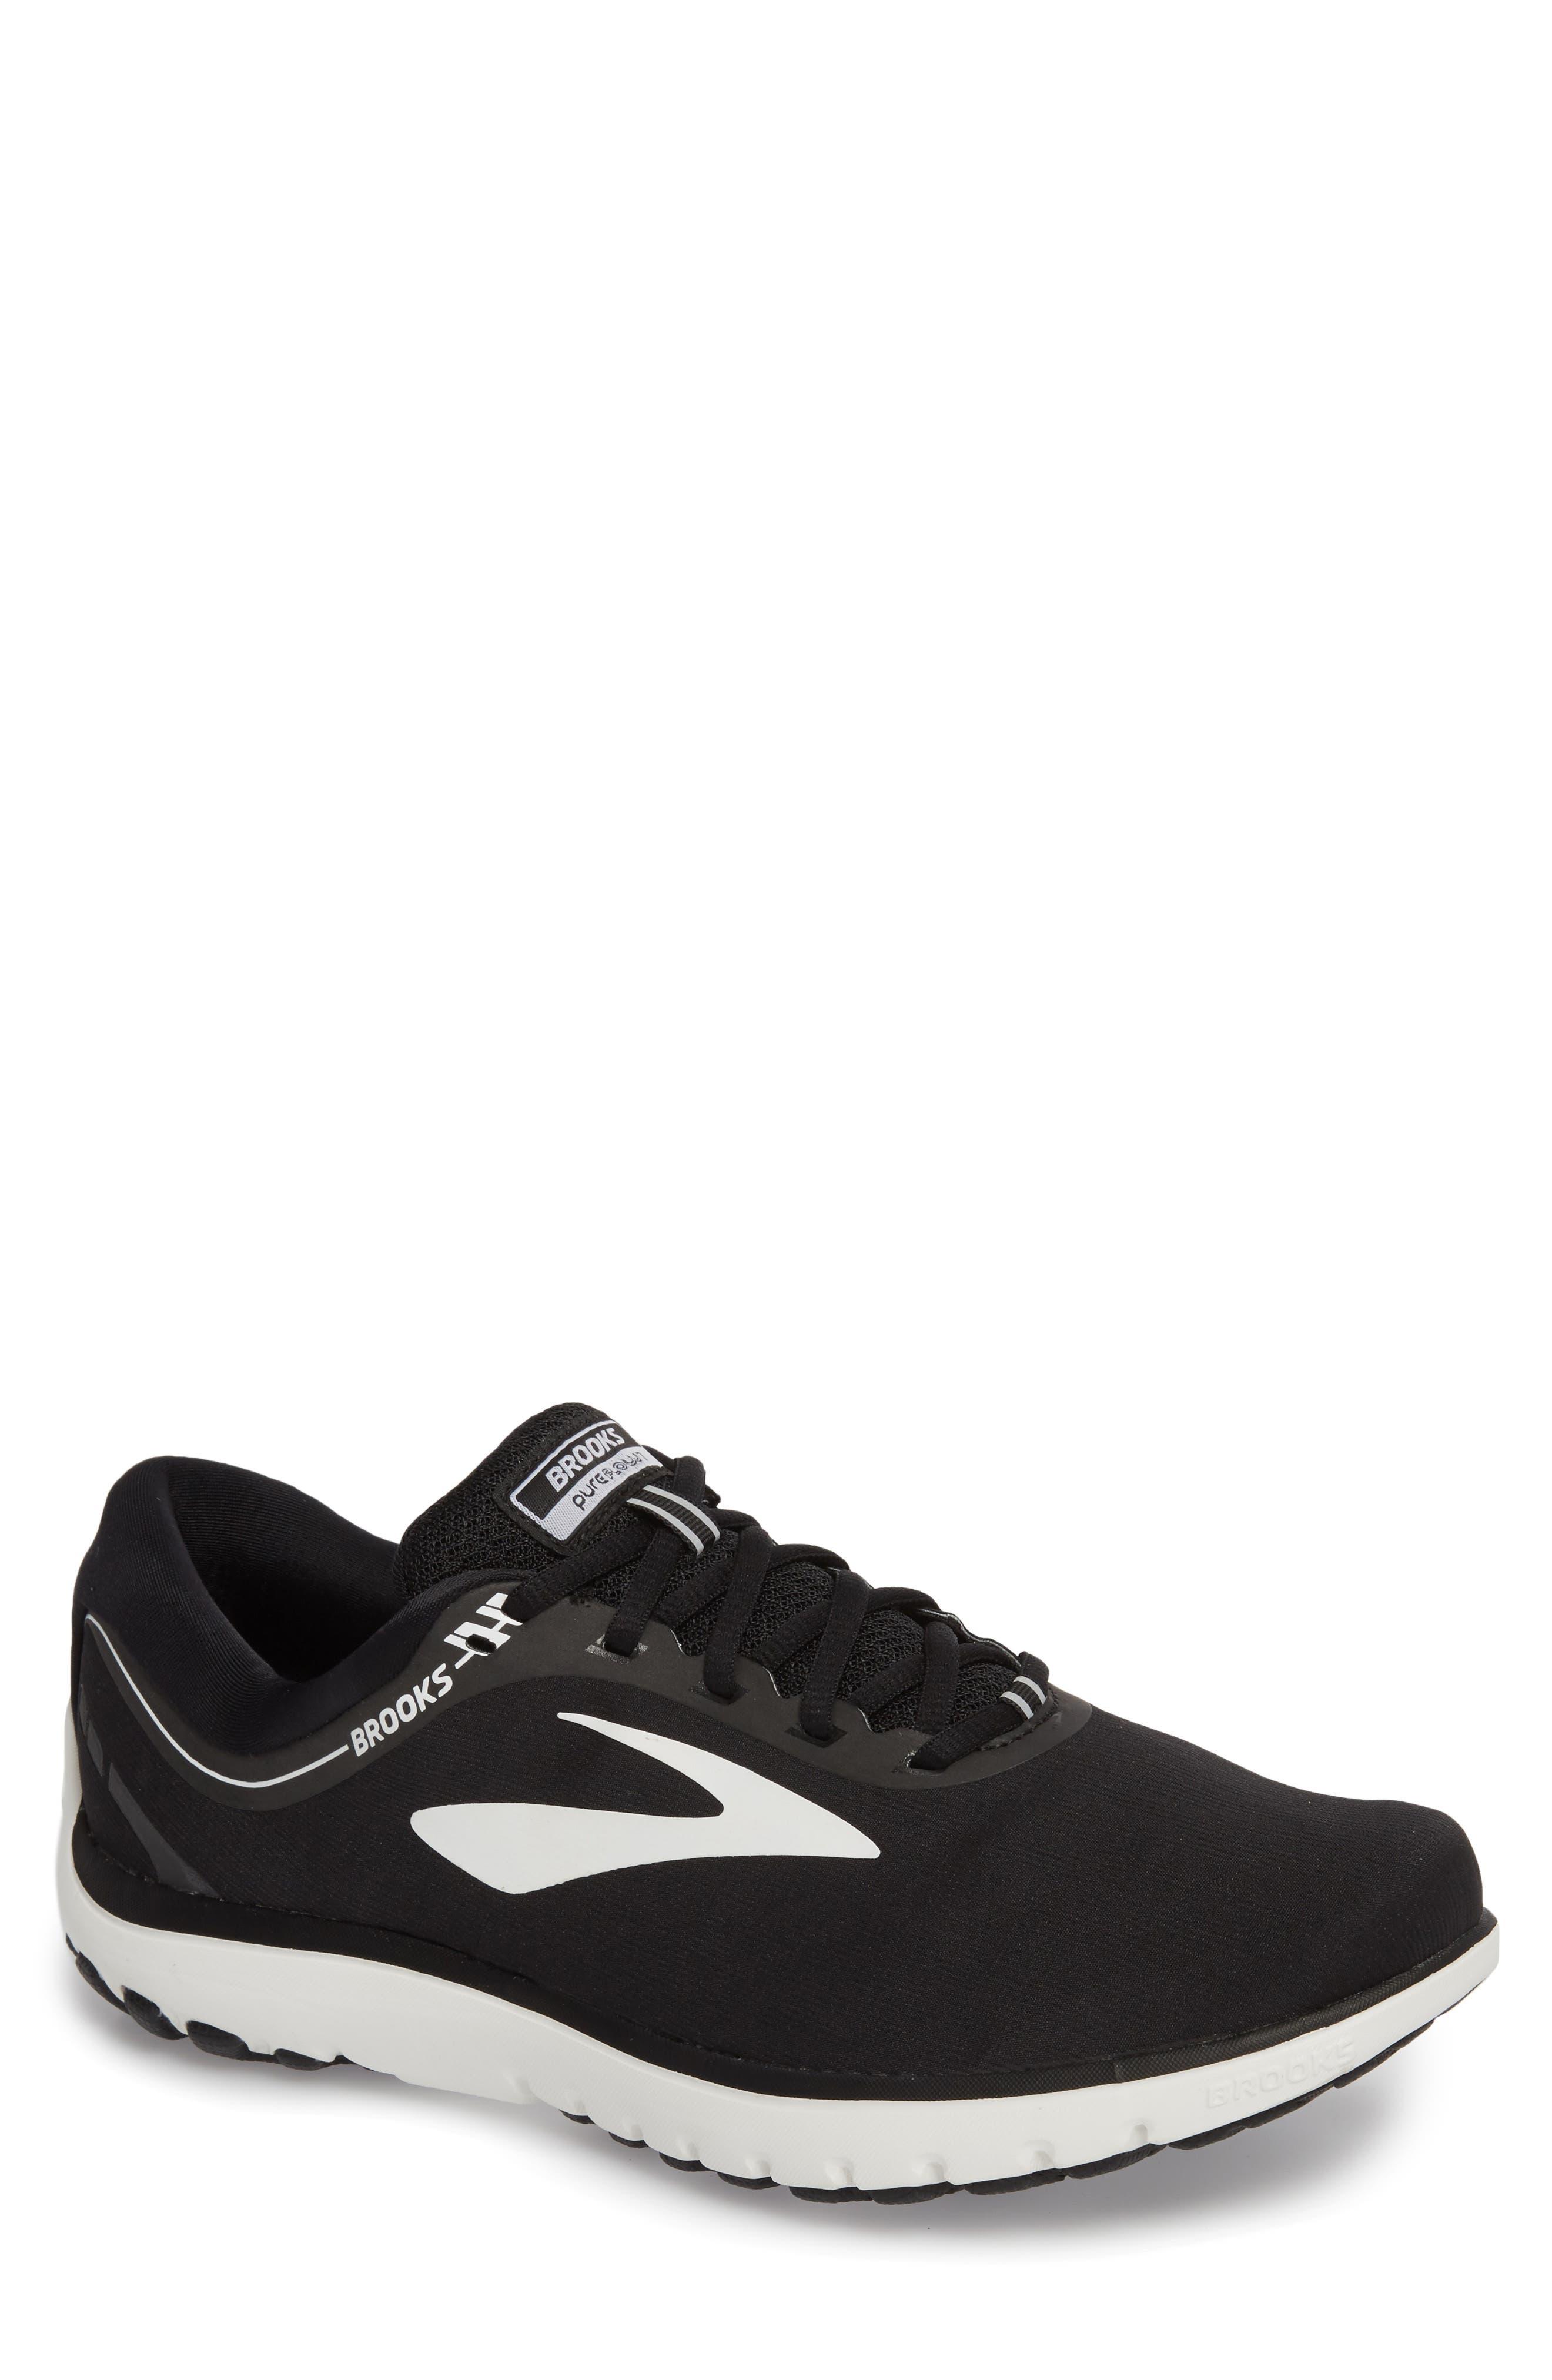 Brooks Pureflow 7 Running Shoe - Black